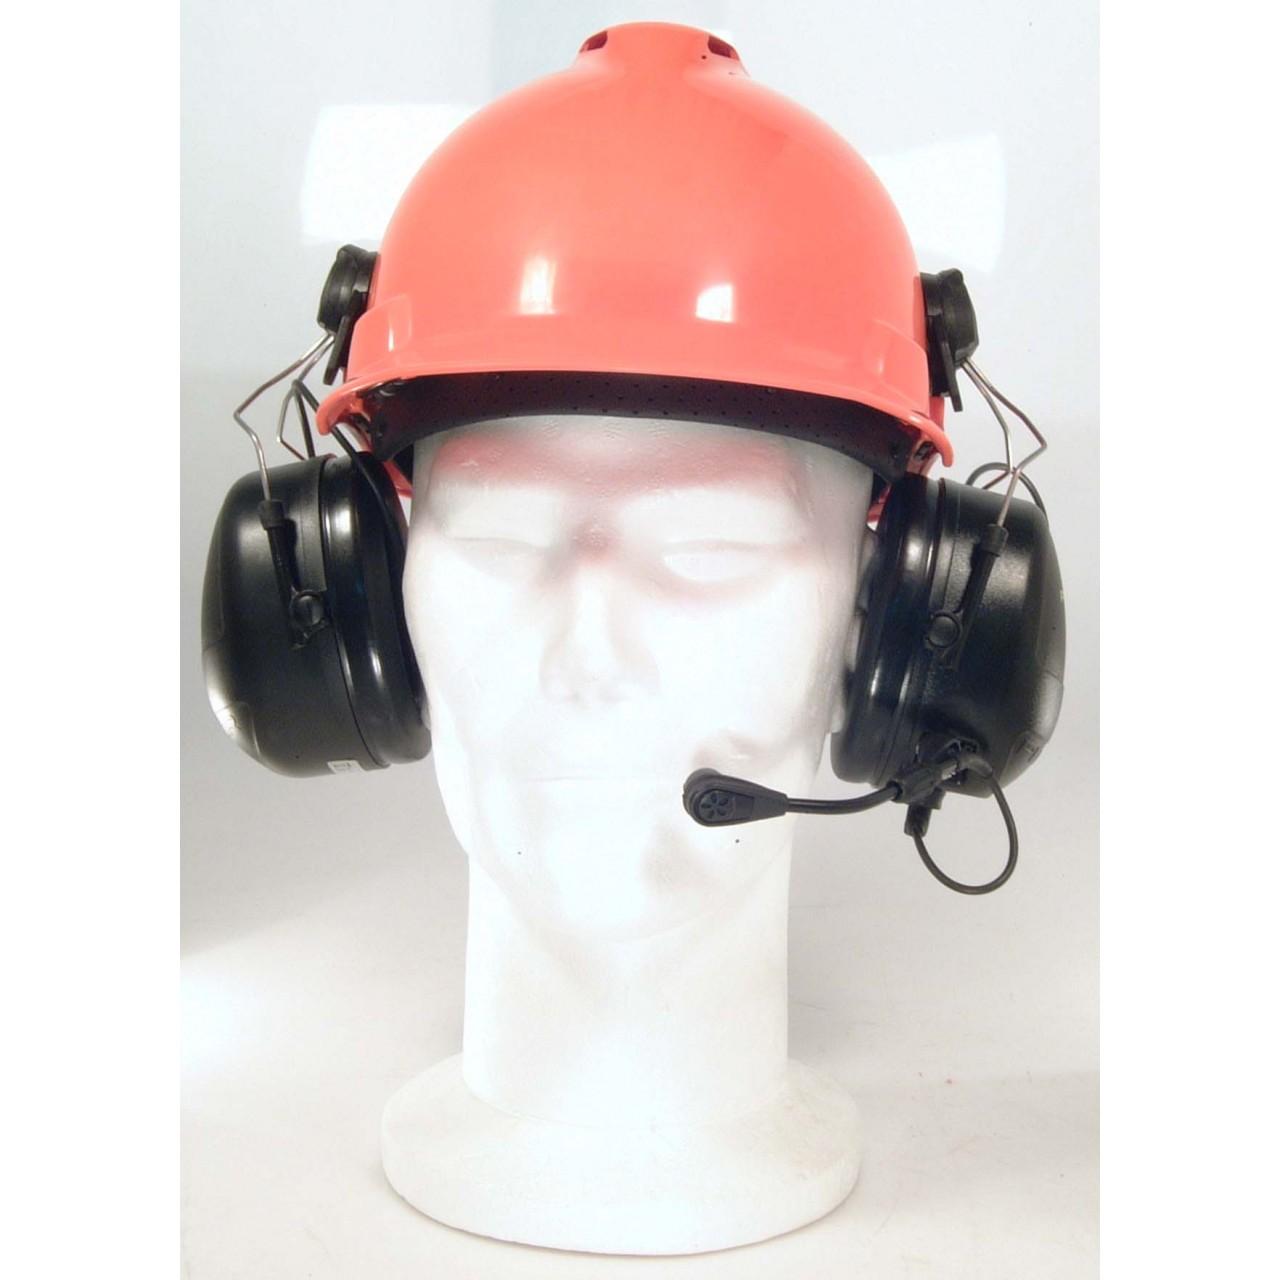 HS-PEPEAACC avec casque chantier HS-PEOR